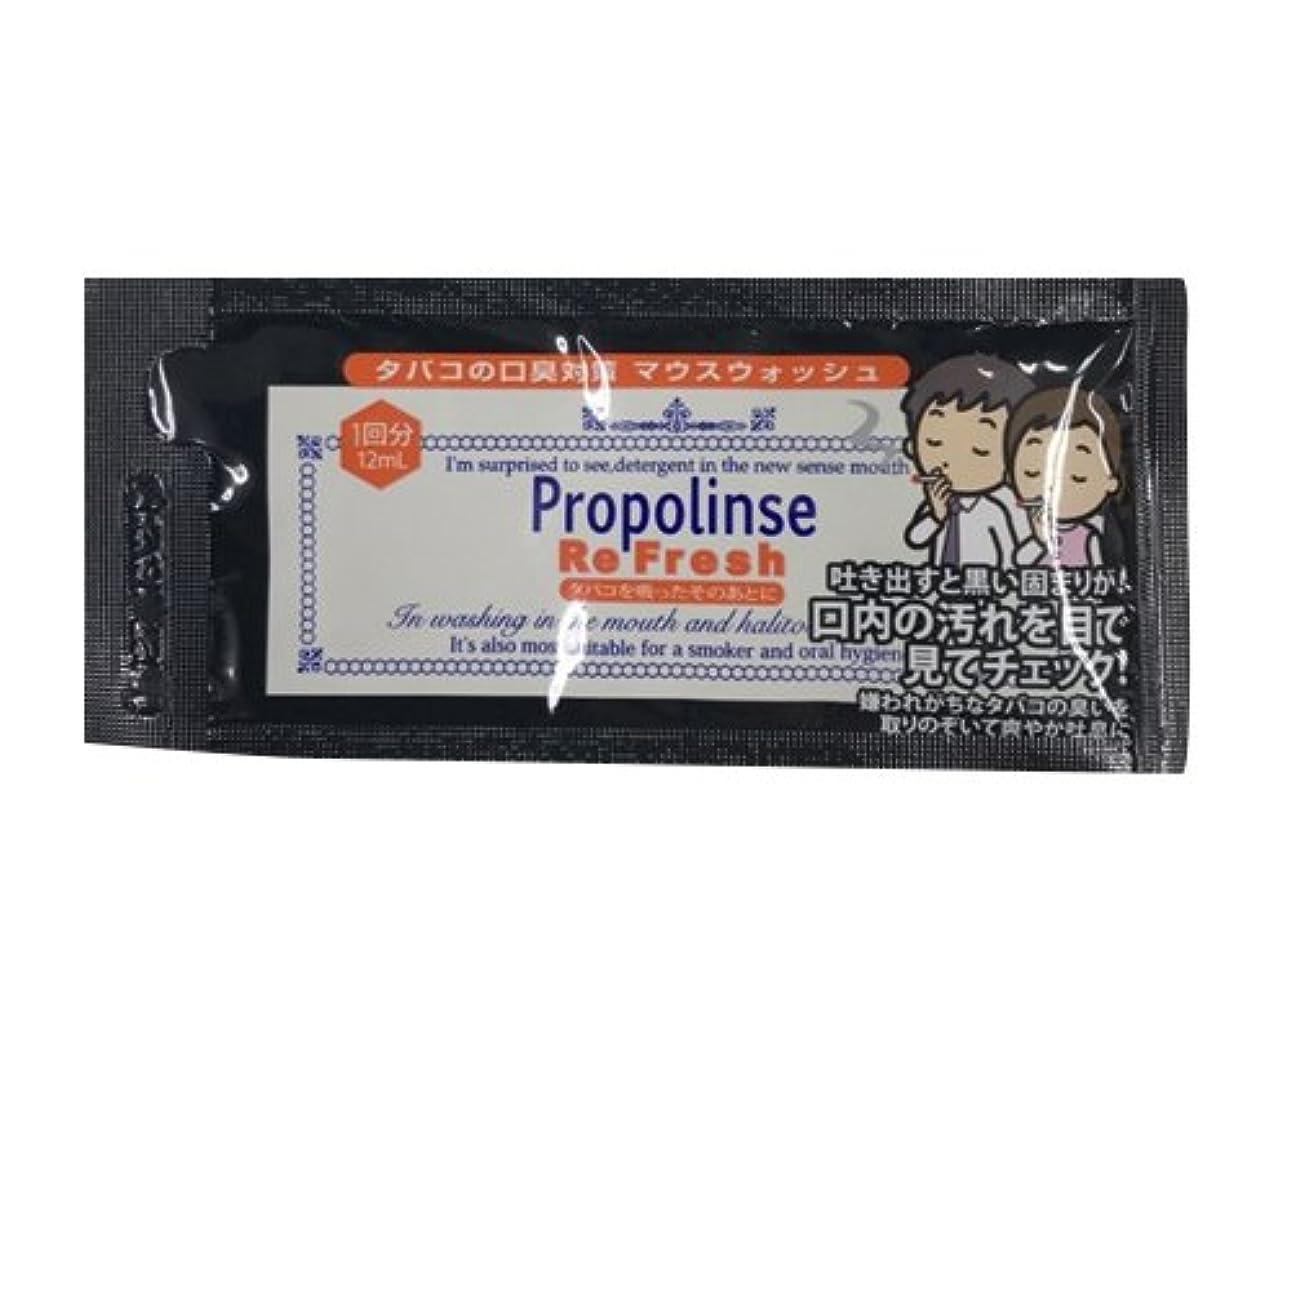 プロポリンス ハンディパウチ12ml ×10個 リフレッシュ